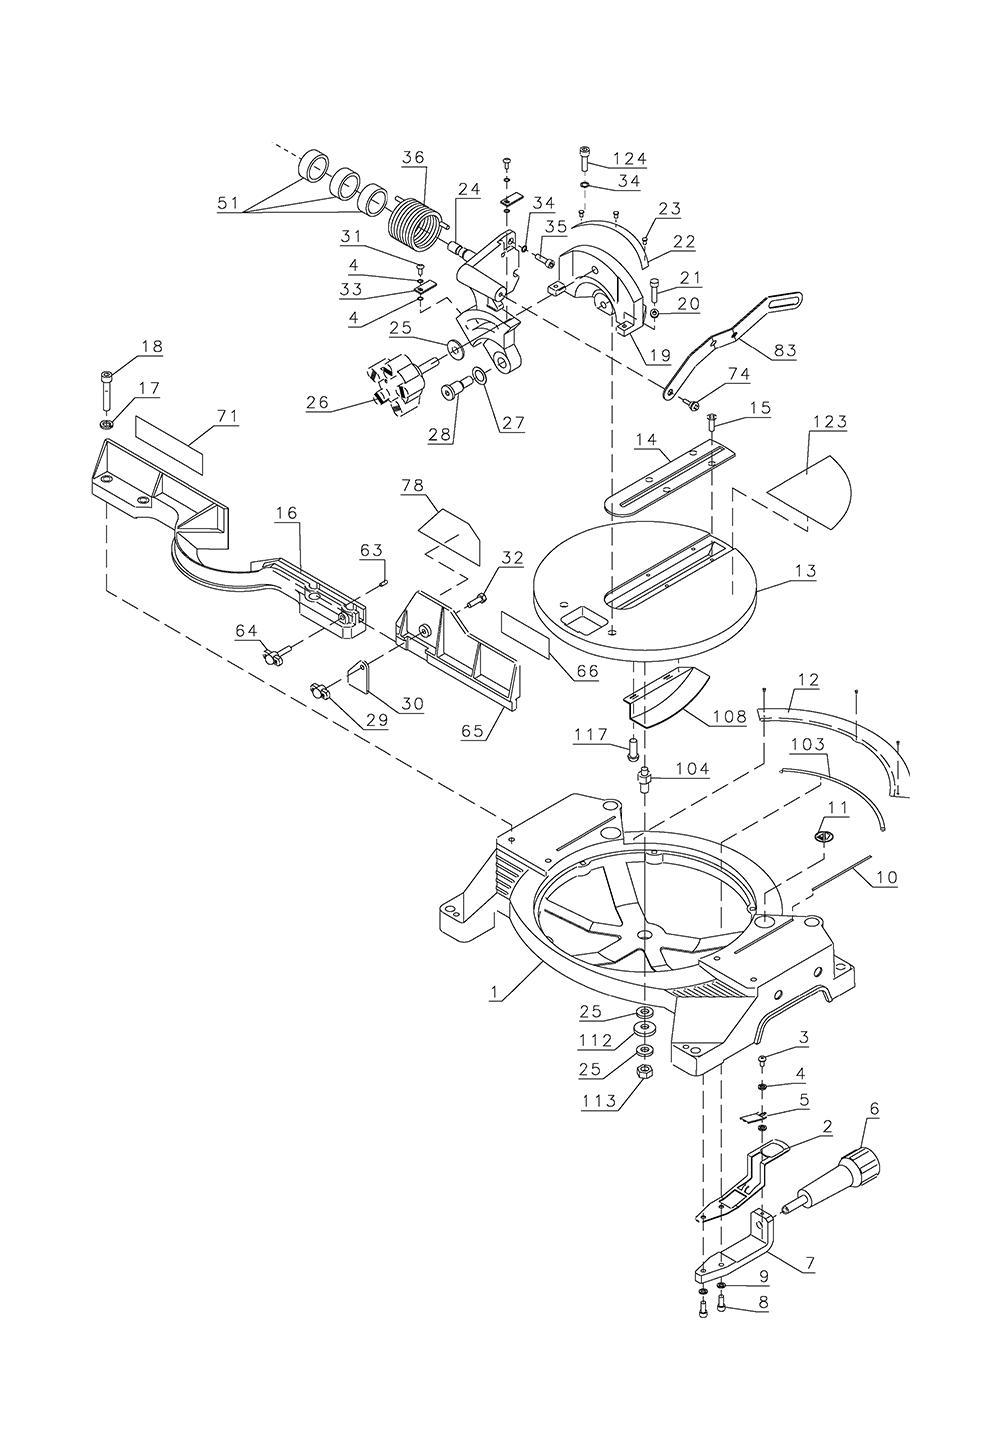 Q910-BlackandDecker-T1-PB-1Break Down